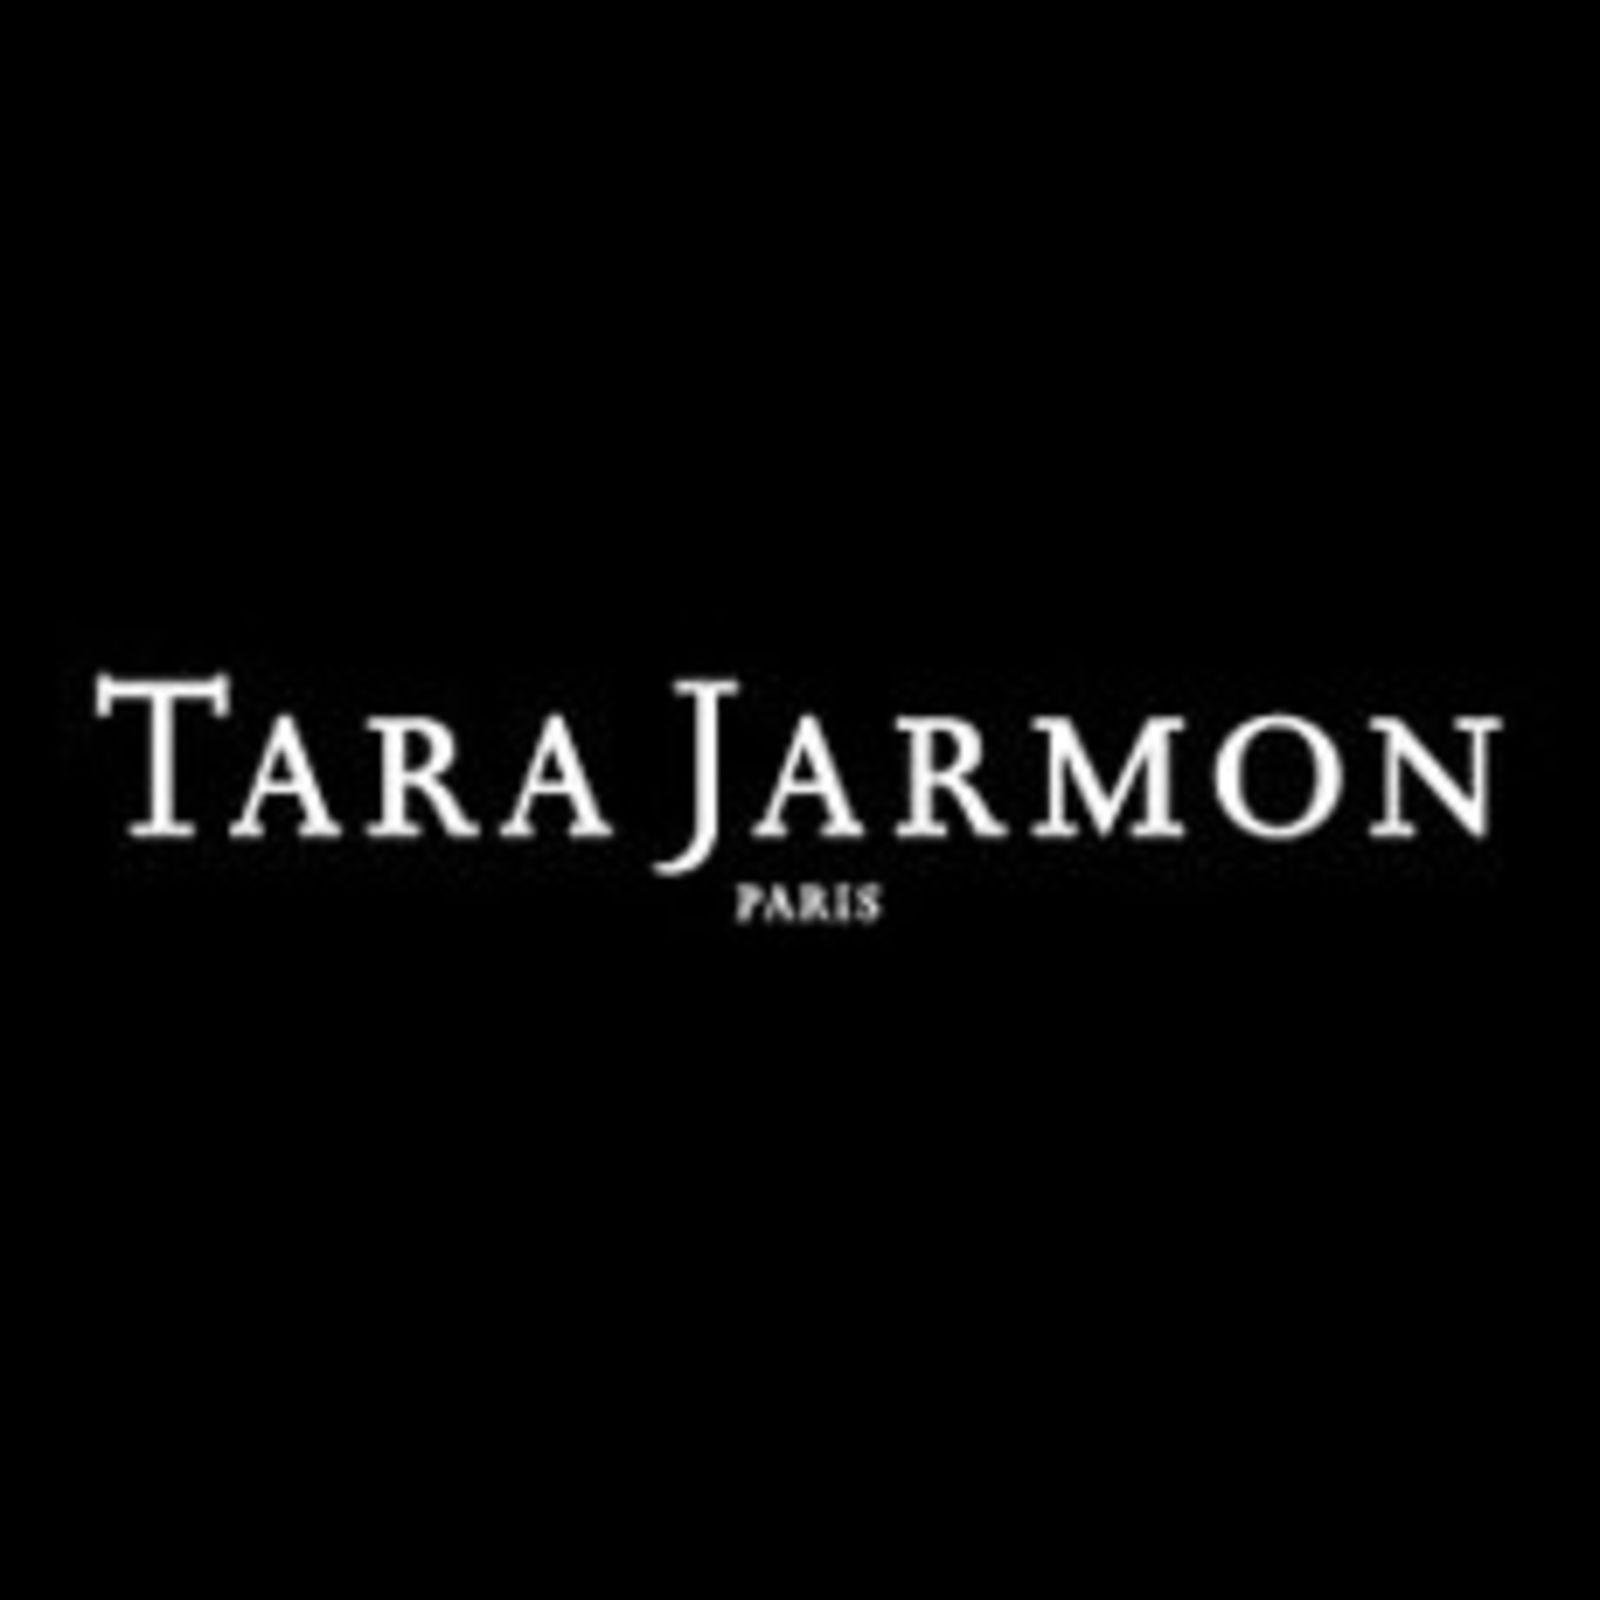 TARA JARMON (Imagen 1)